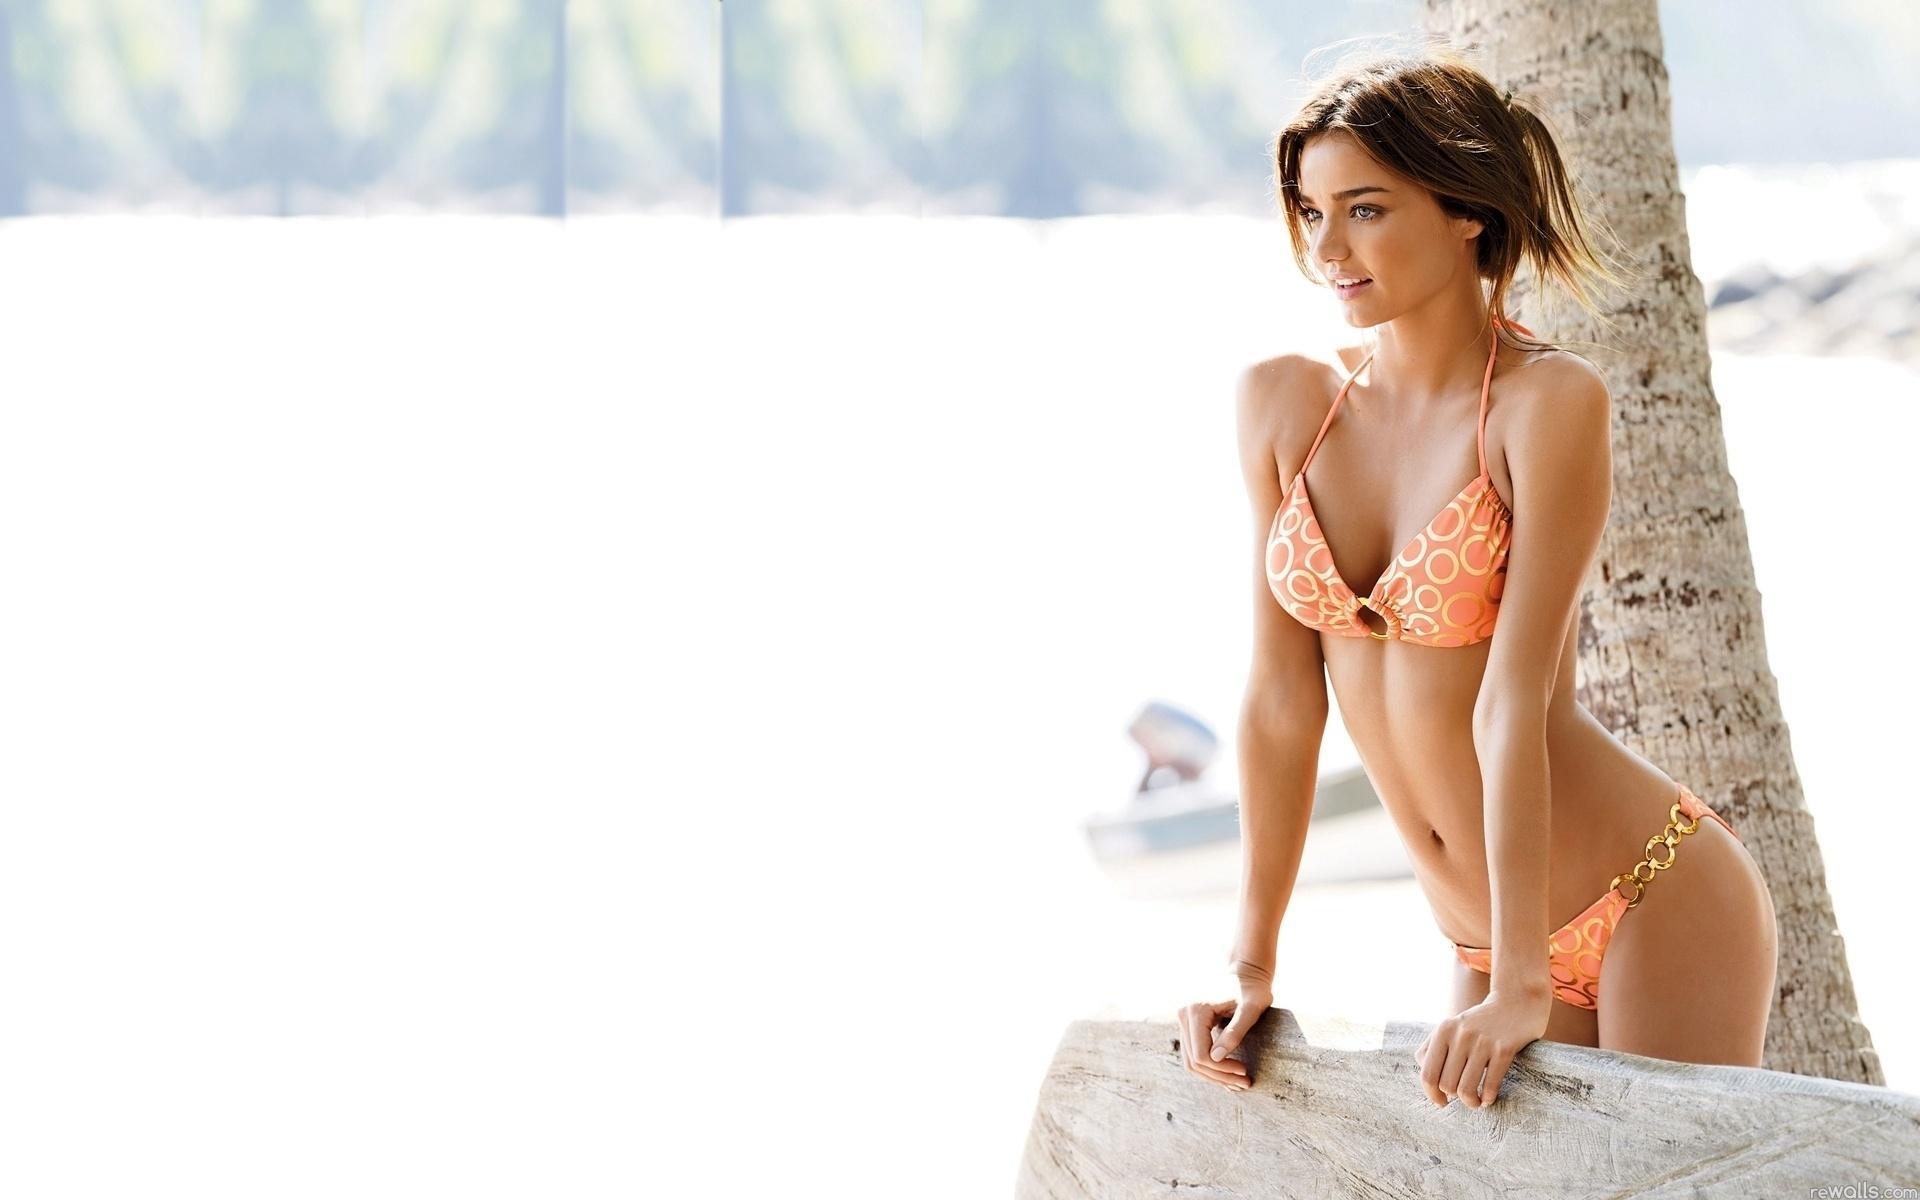 Фото красивых девушек брюнеток на пляже 30 фотография